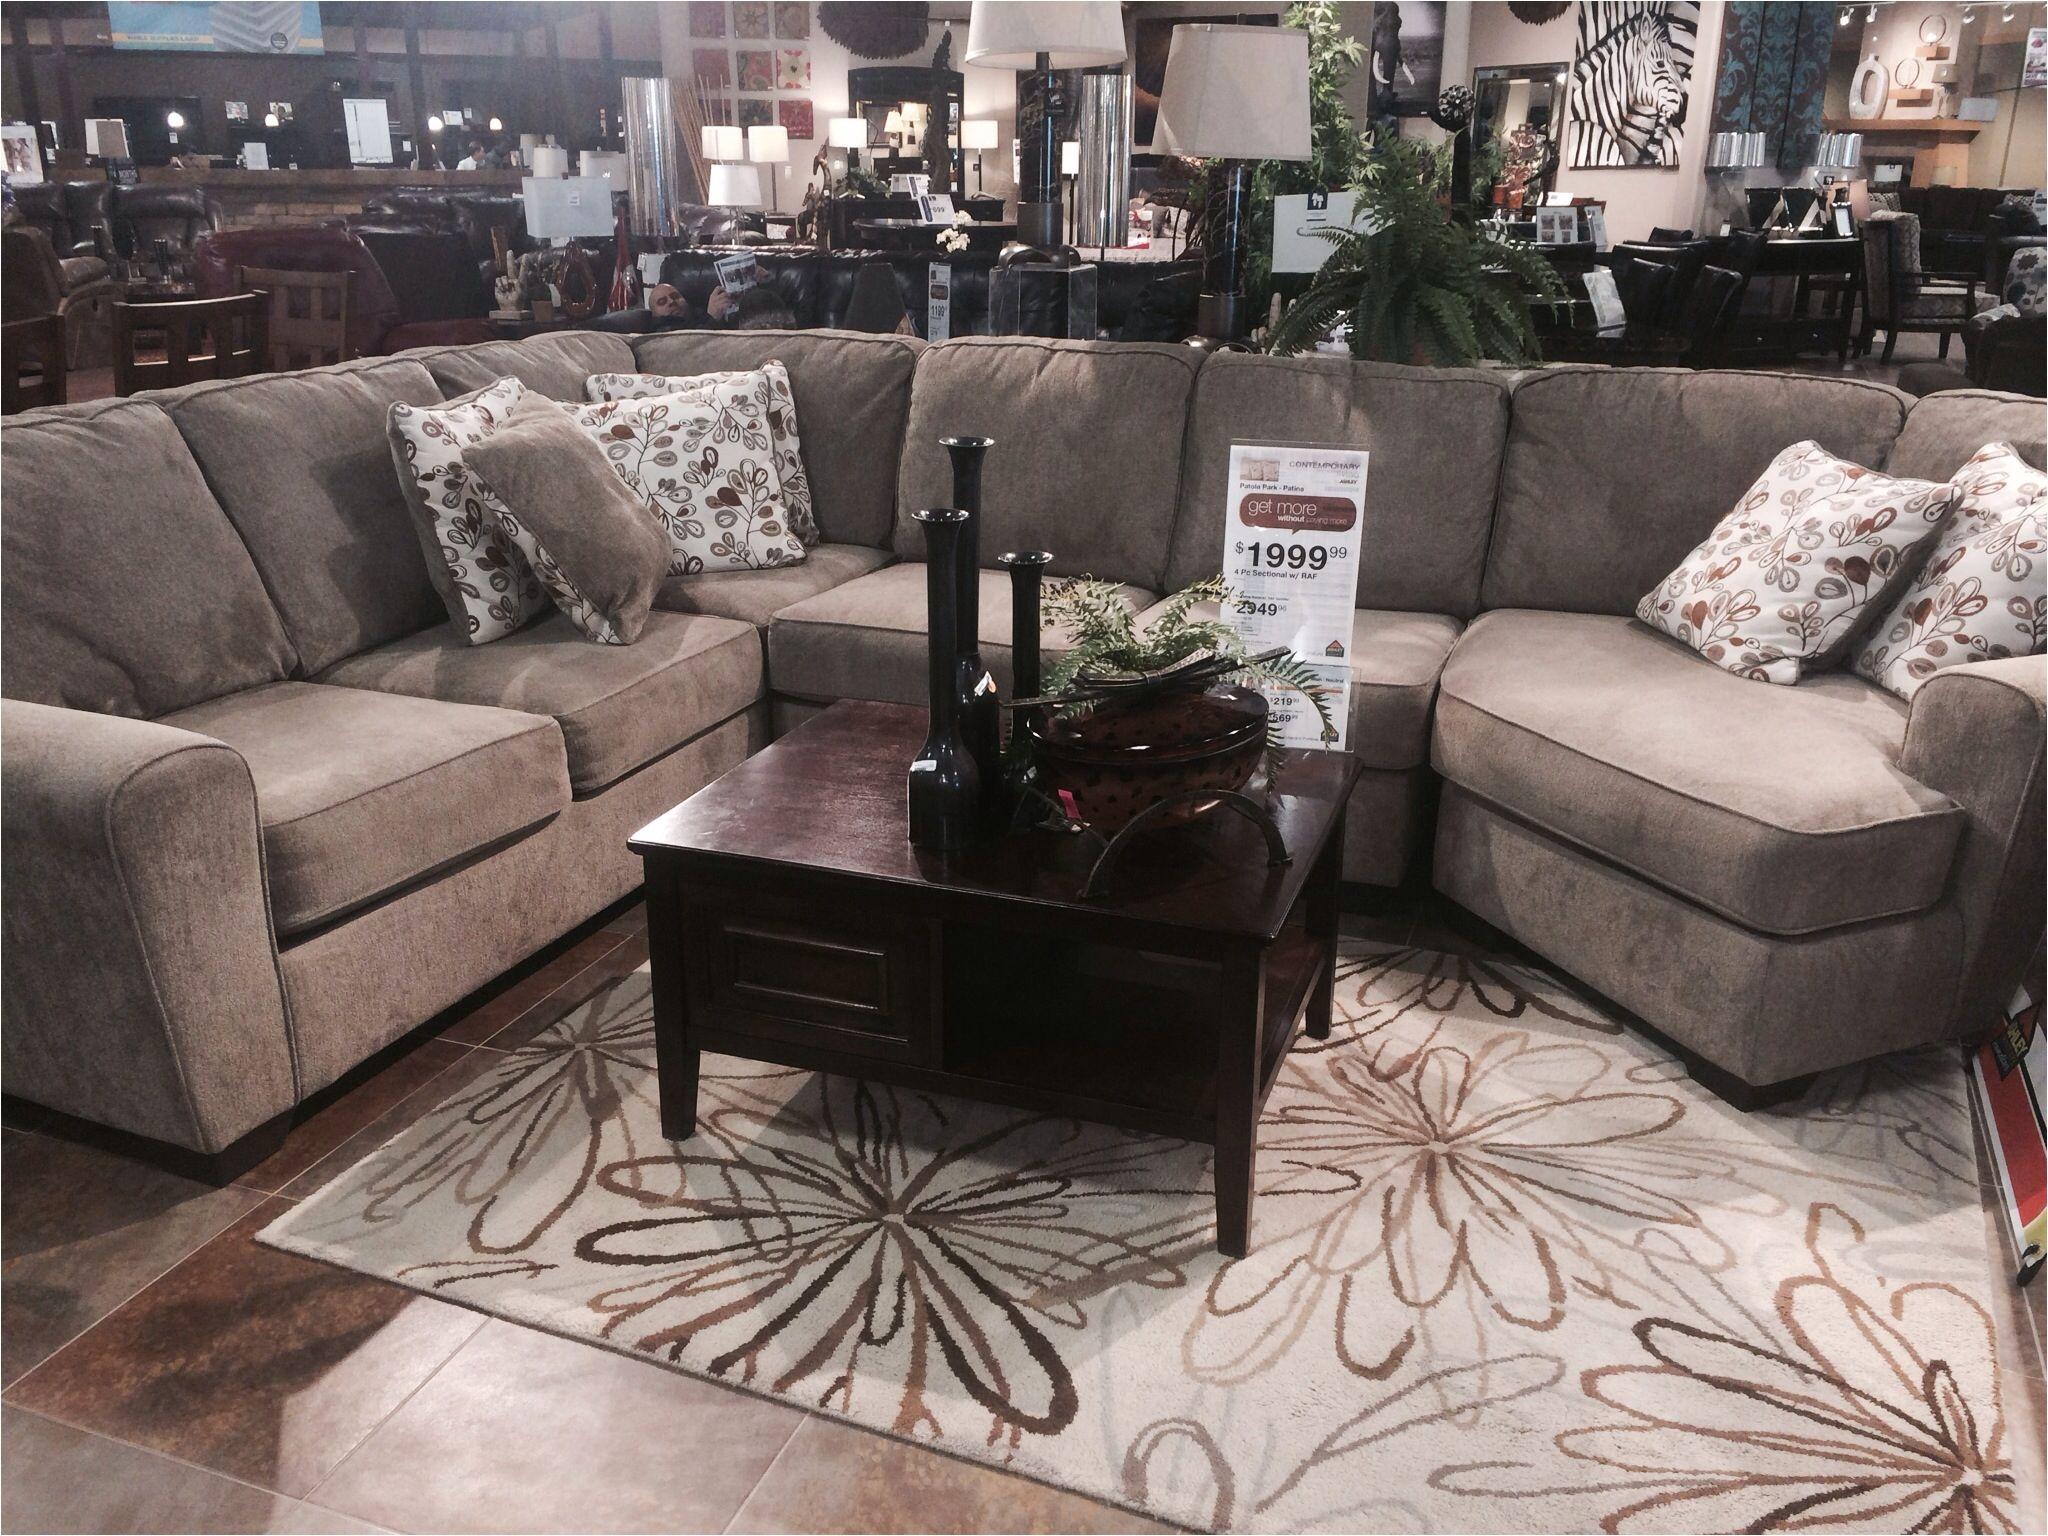 Ashley Furniture Indianapolis ashley Furniture Patola Park Home Decorating Pinterest